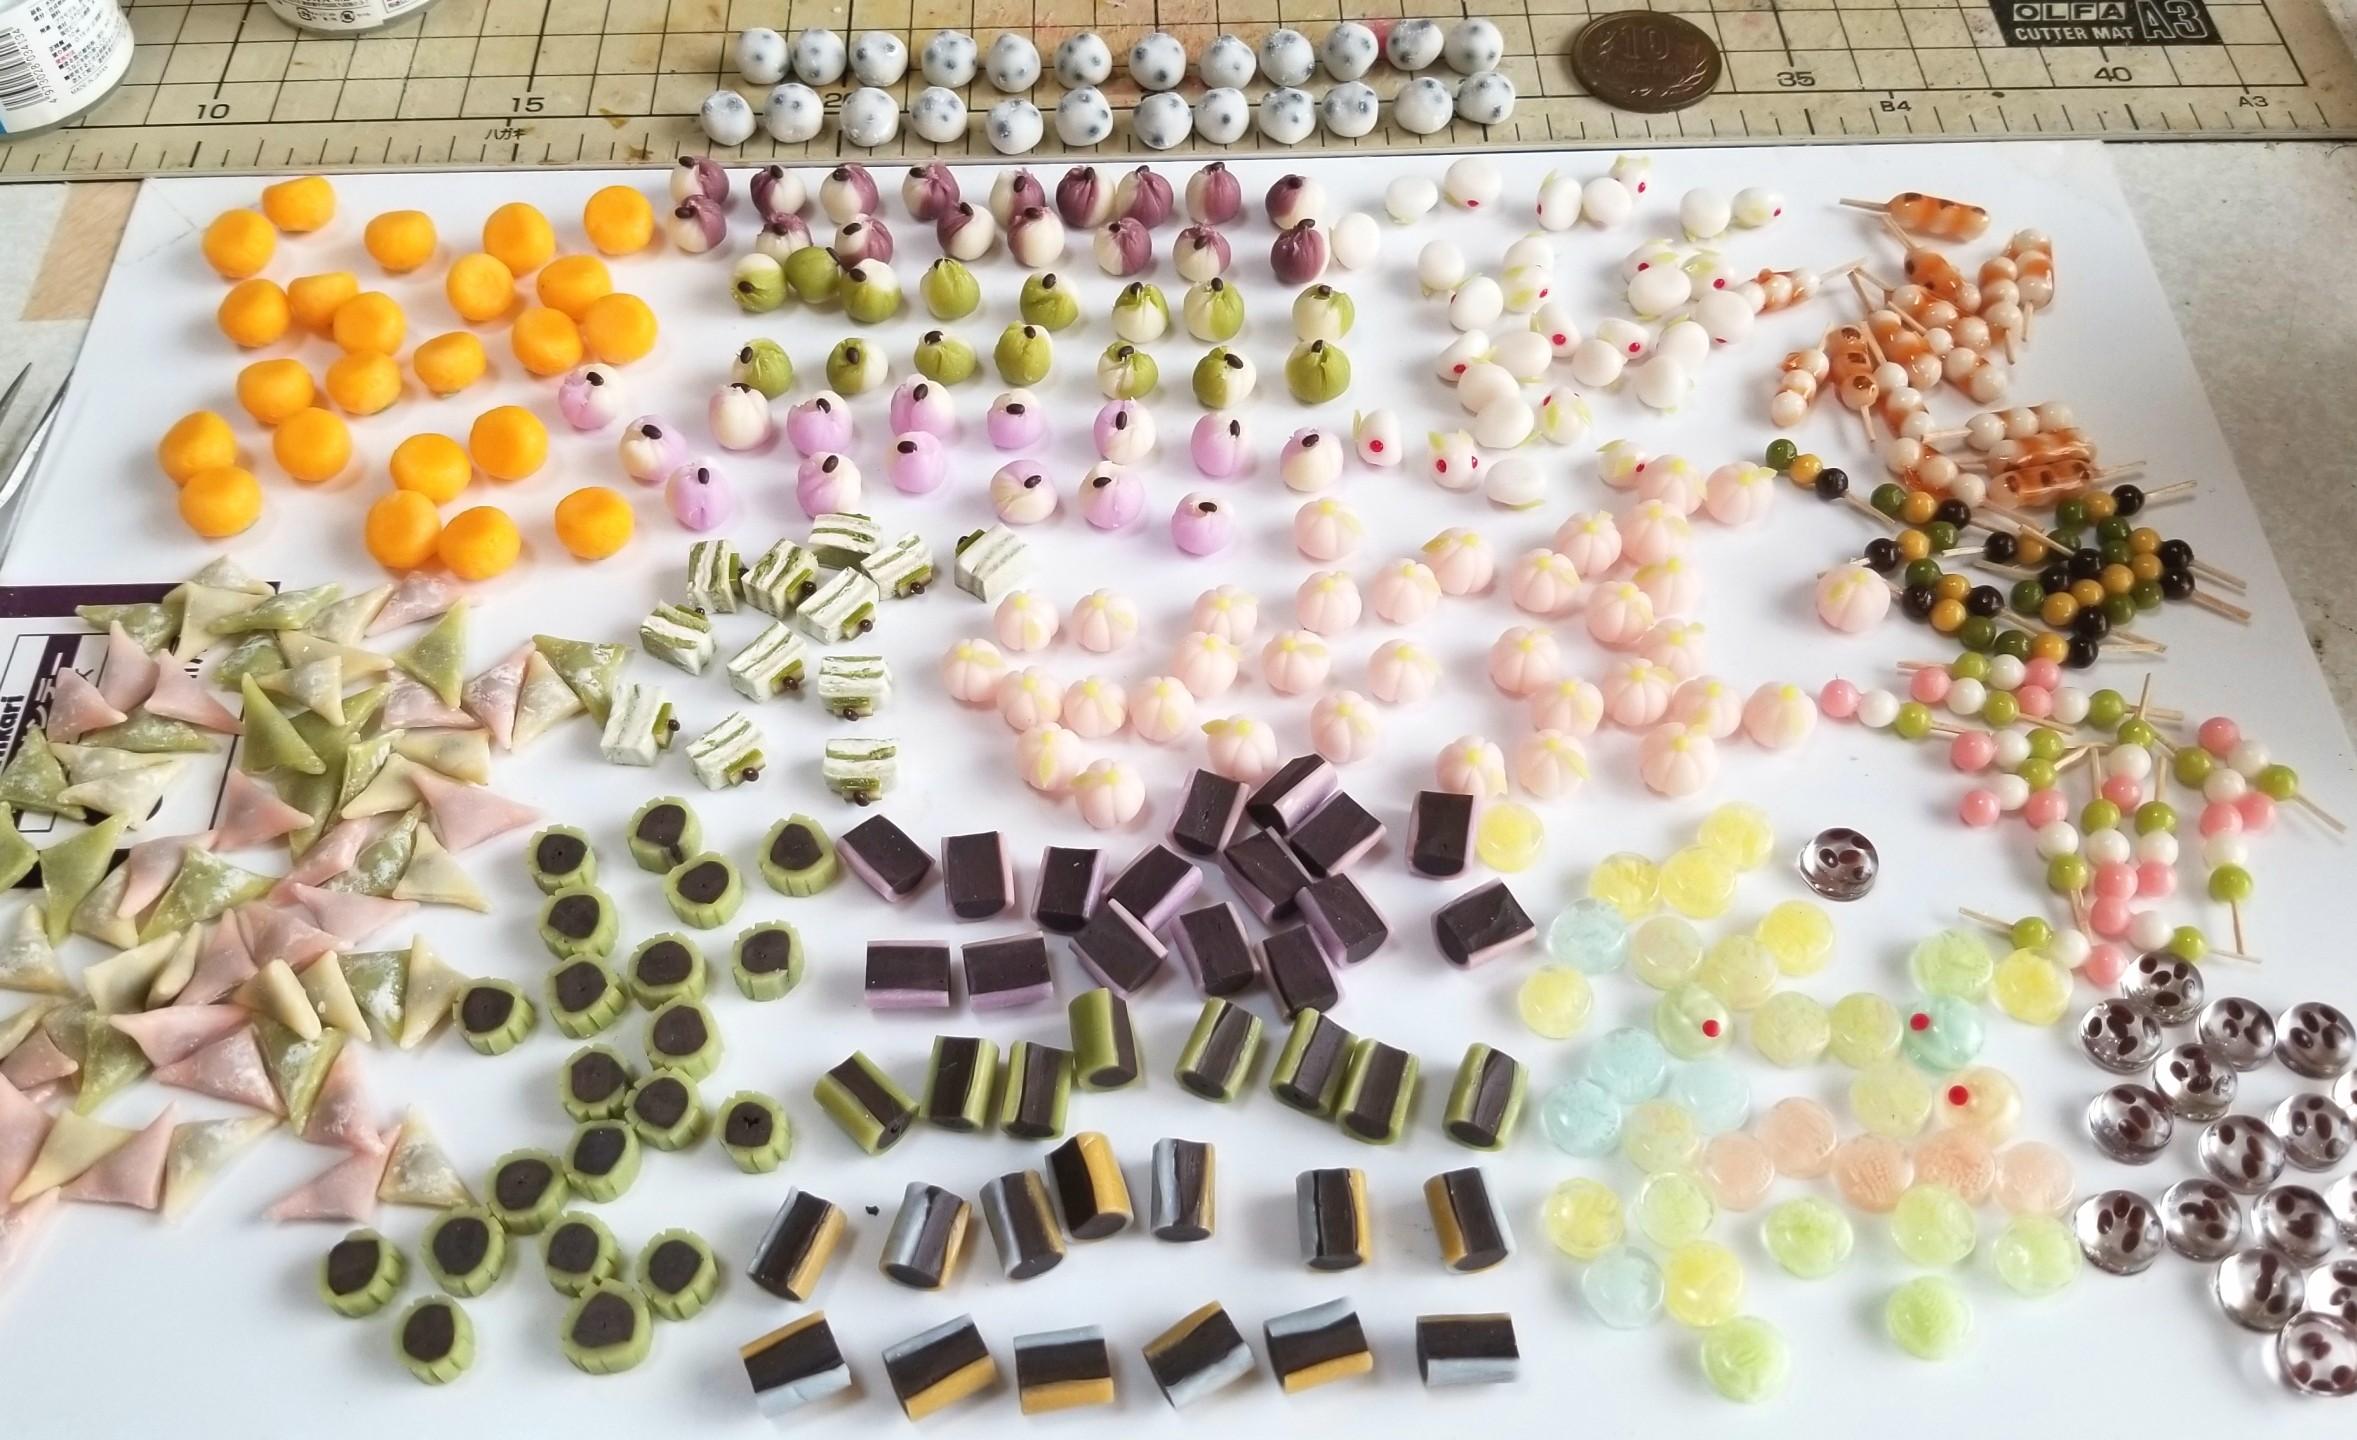 ミニチュアフード,和菓子,生菓子,上菓子,樹脂粘土,レジン,サンプル